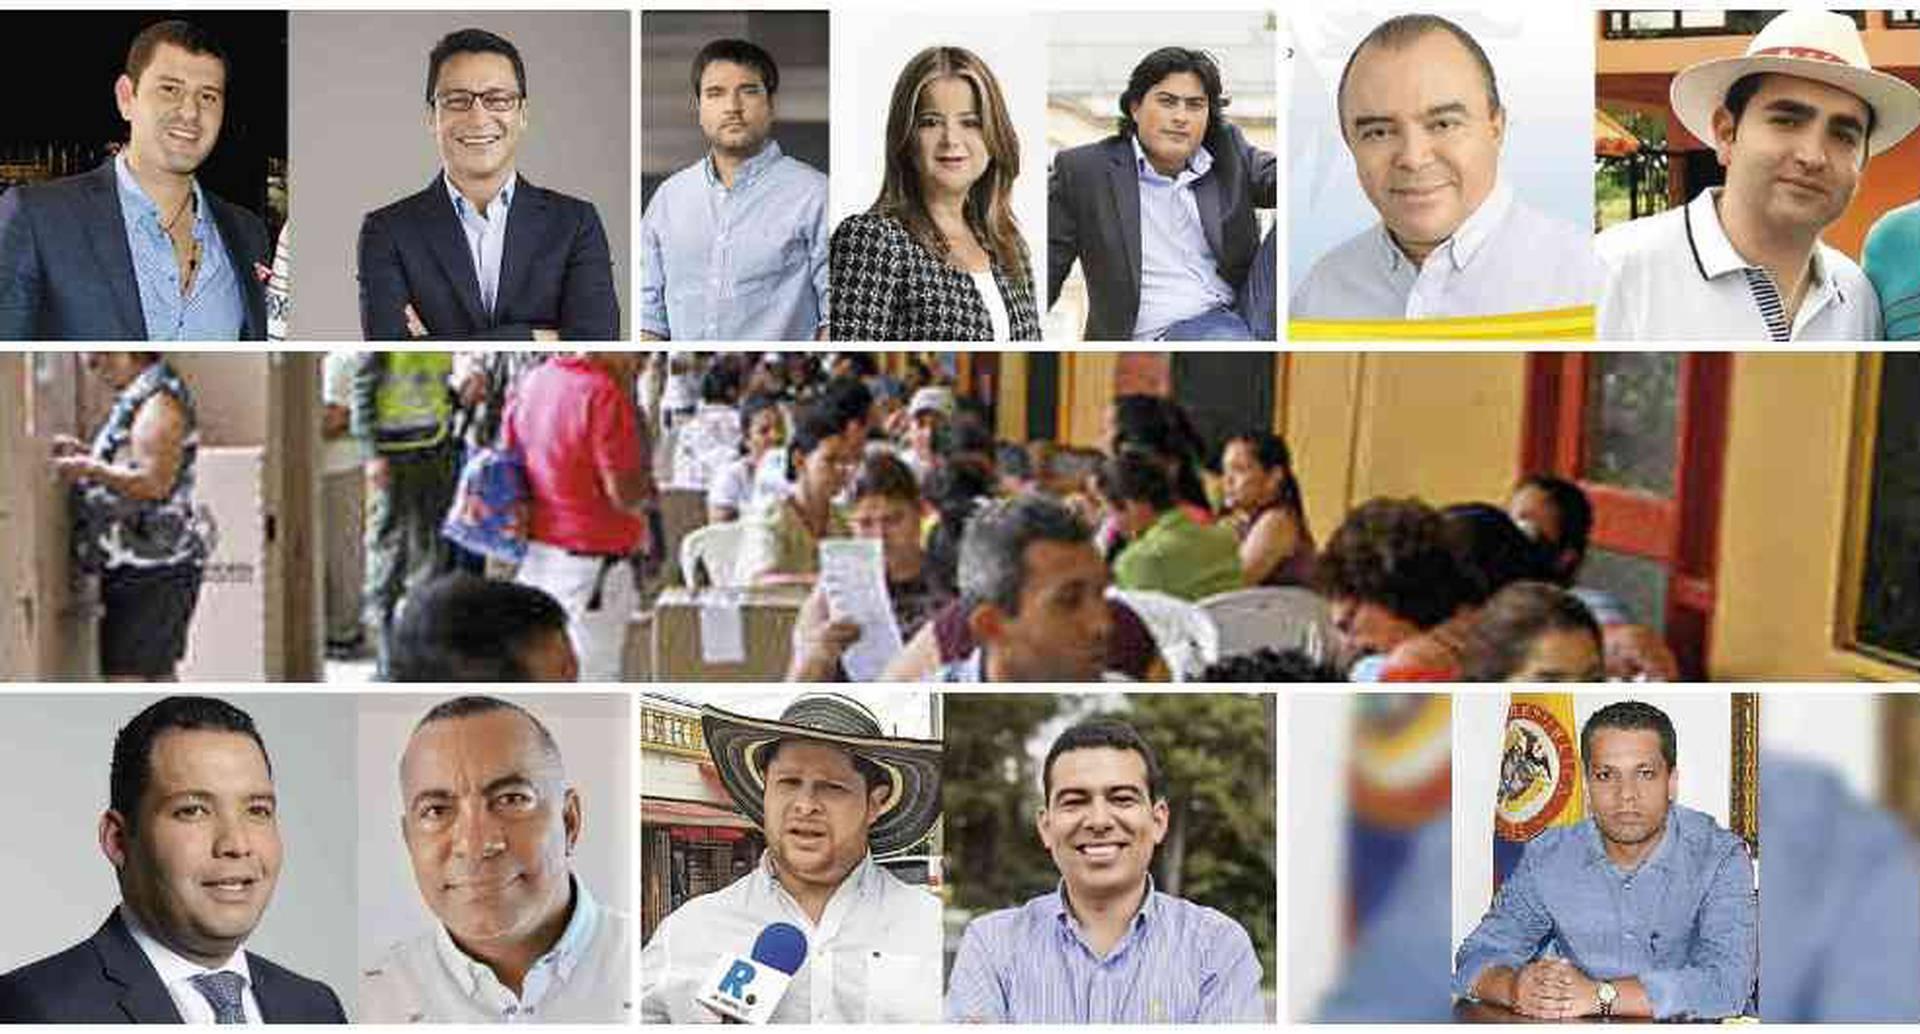 En los departamentos de la Costa hay una alta expectativa por los nuevos mandatarios. Los clanes políticos buscan afianzar su poder en cada una de sus regiones.